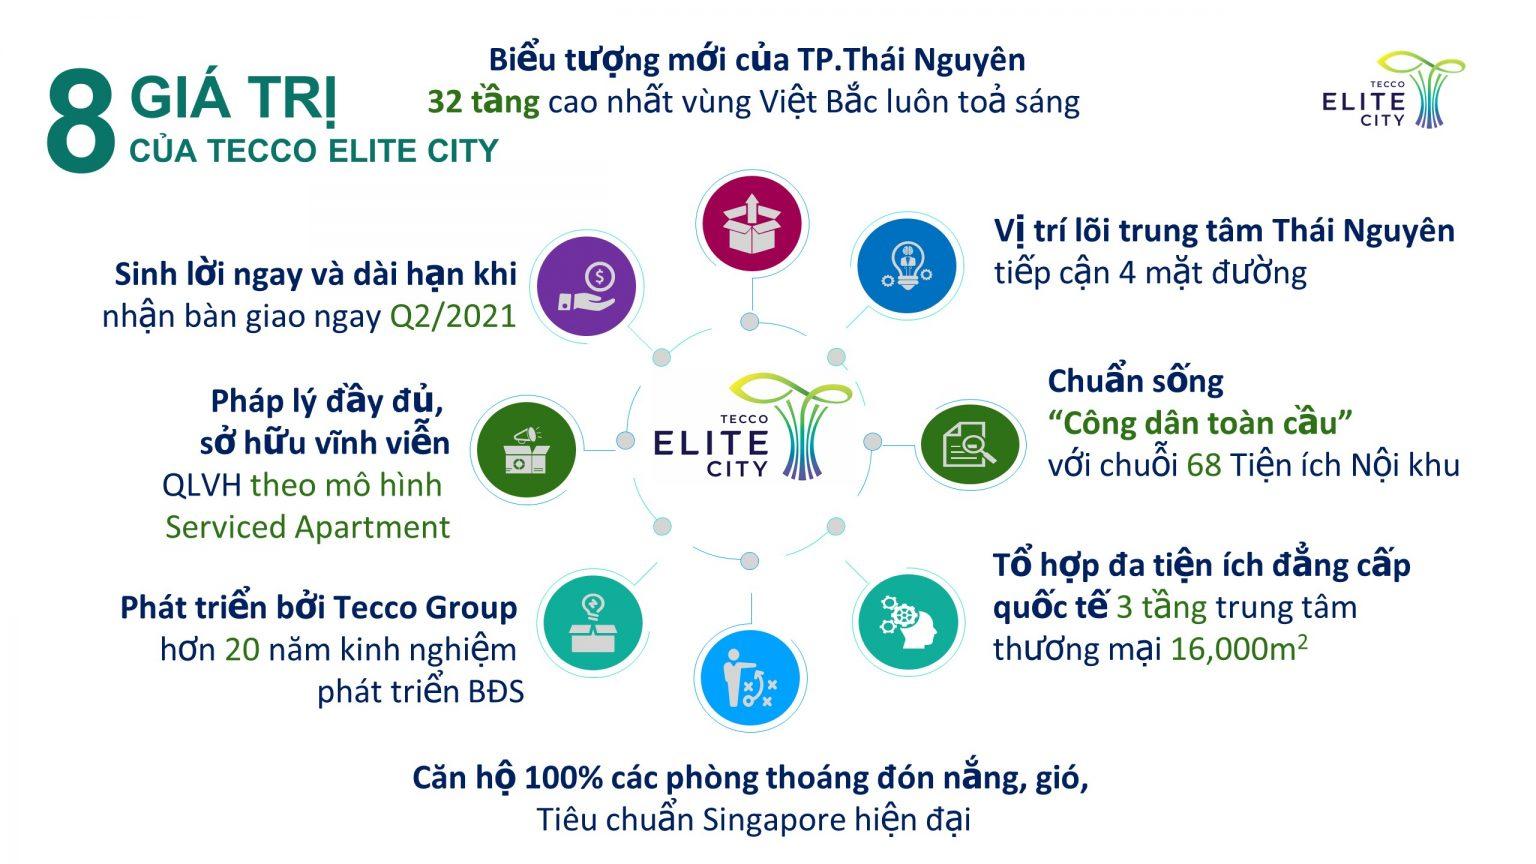 nên mua chung cư tecco elite city